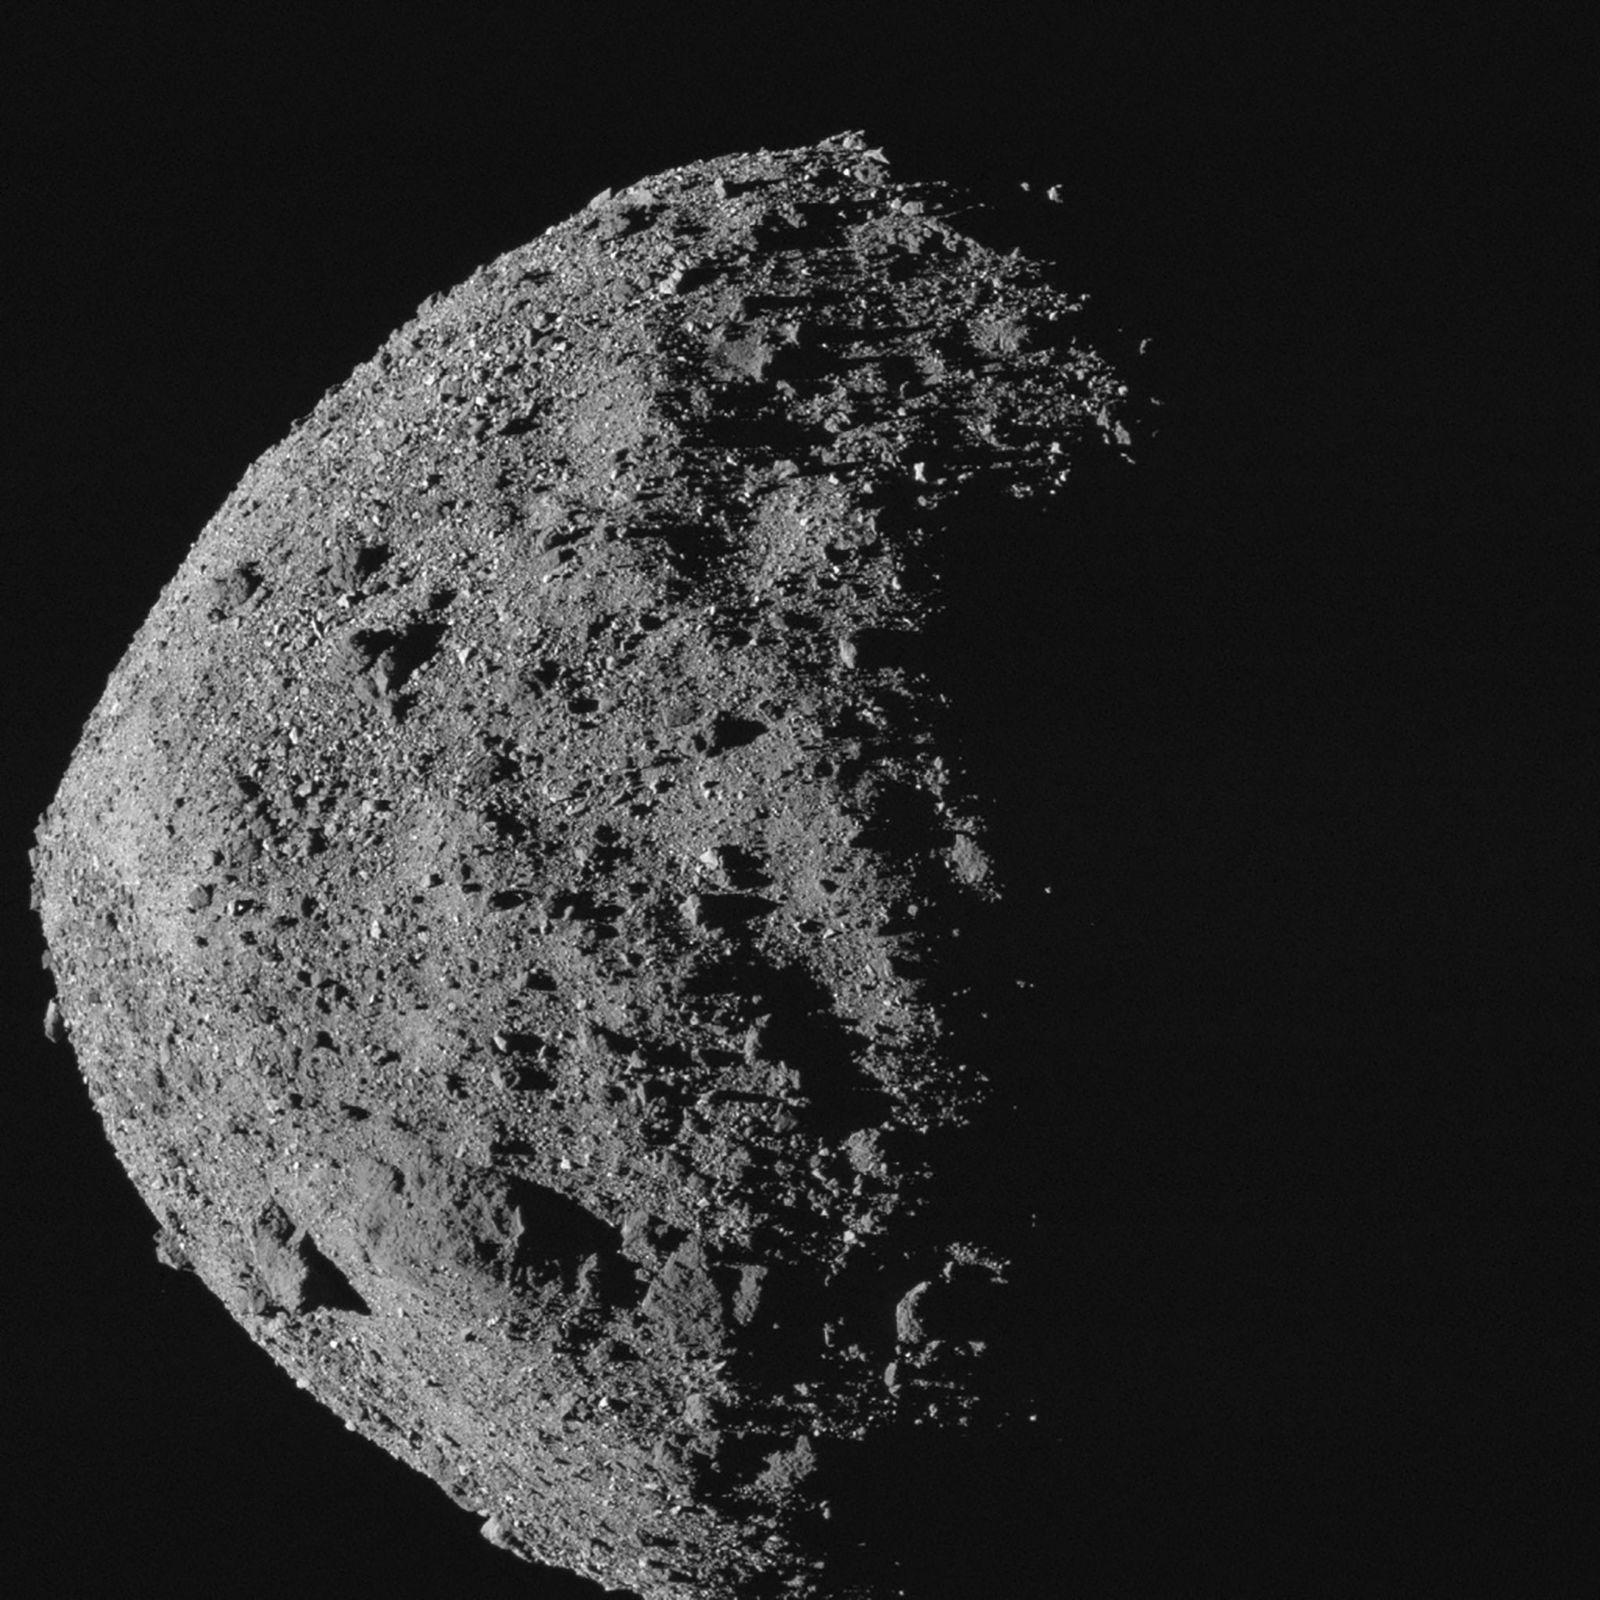 El asteroide Bennu, cercano a la Tierra, es un poco más alto y ancho que el ...